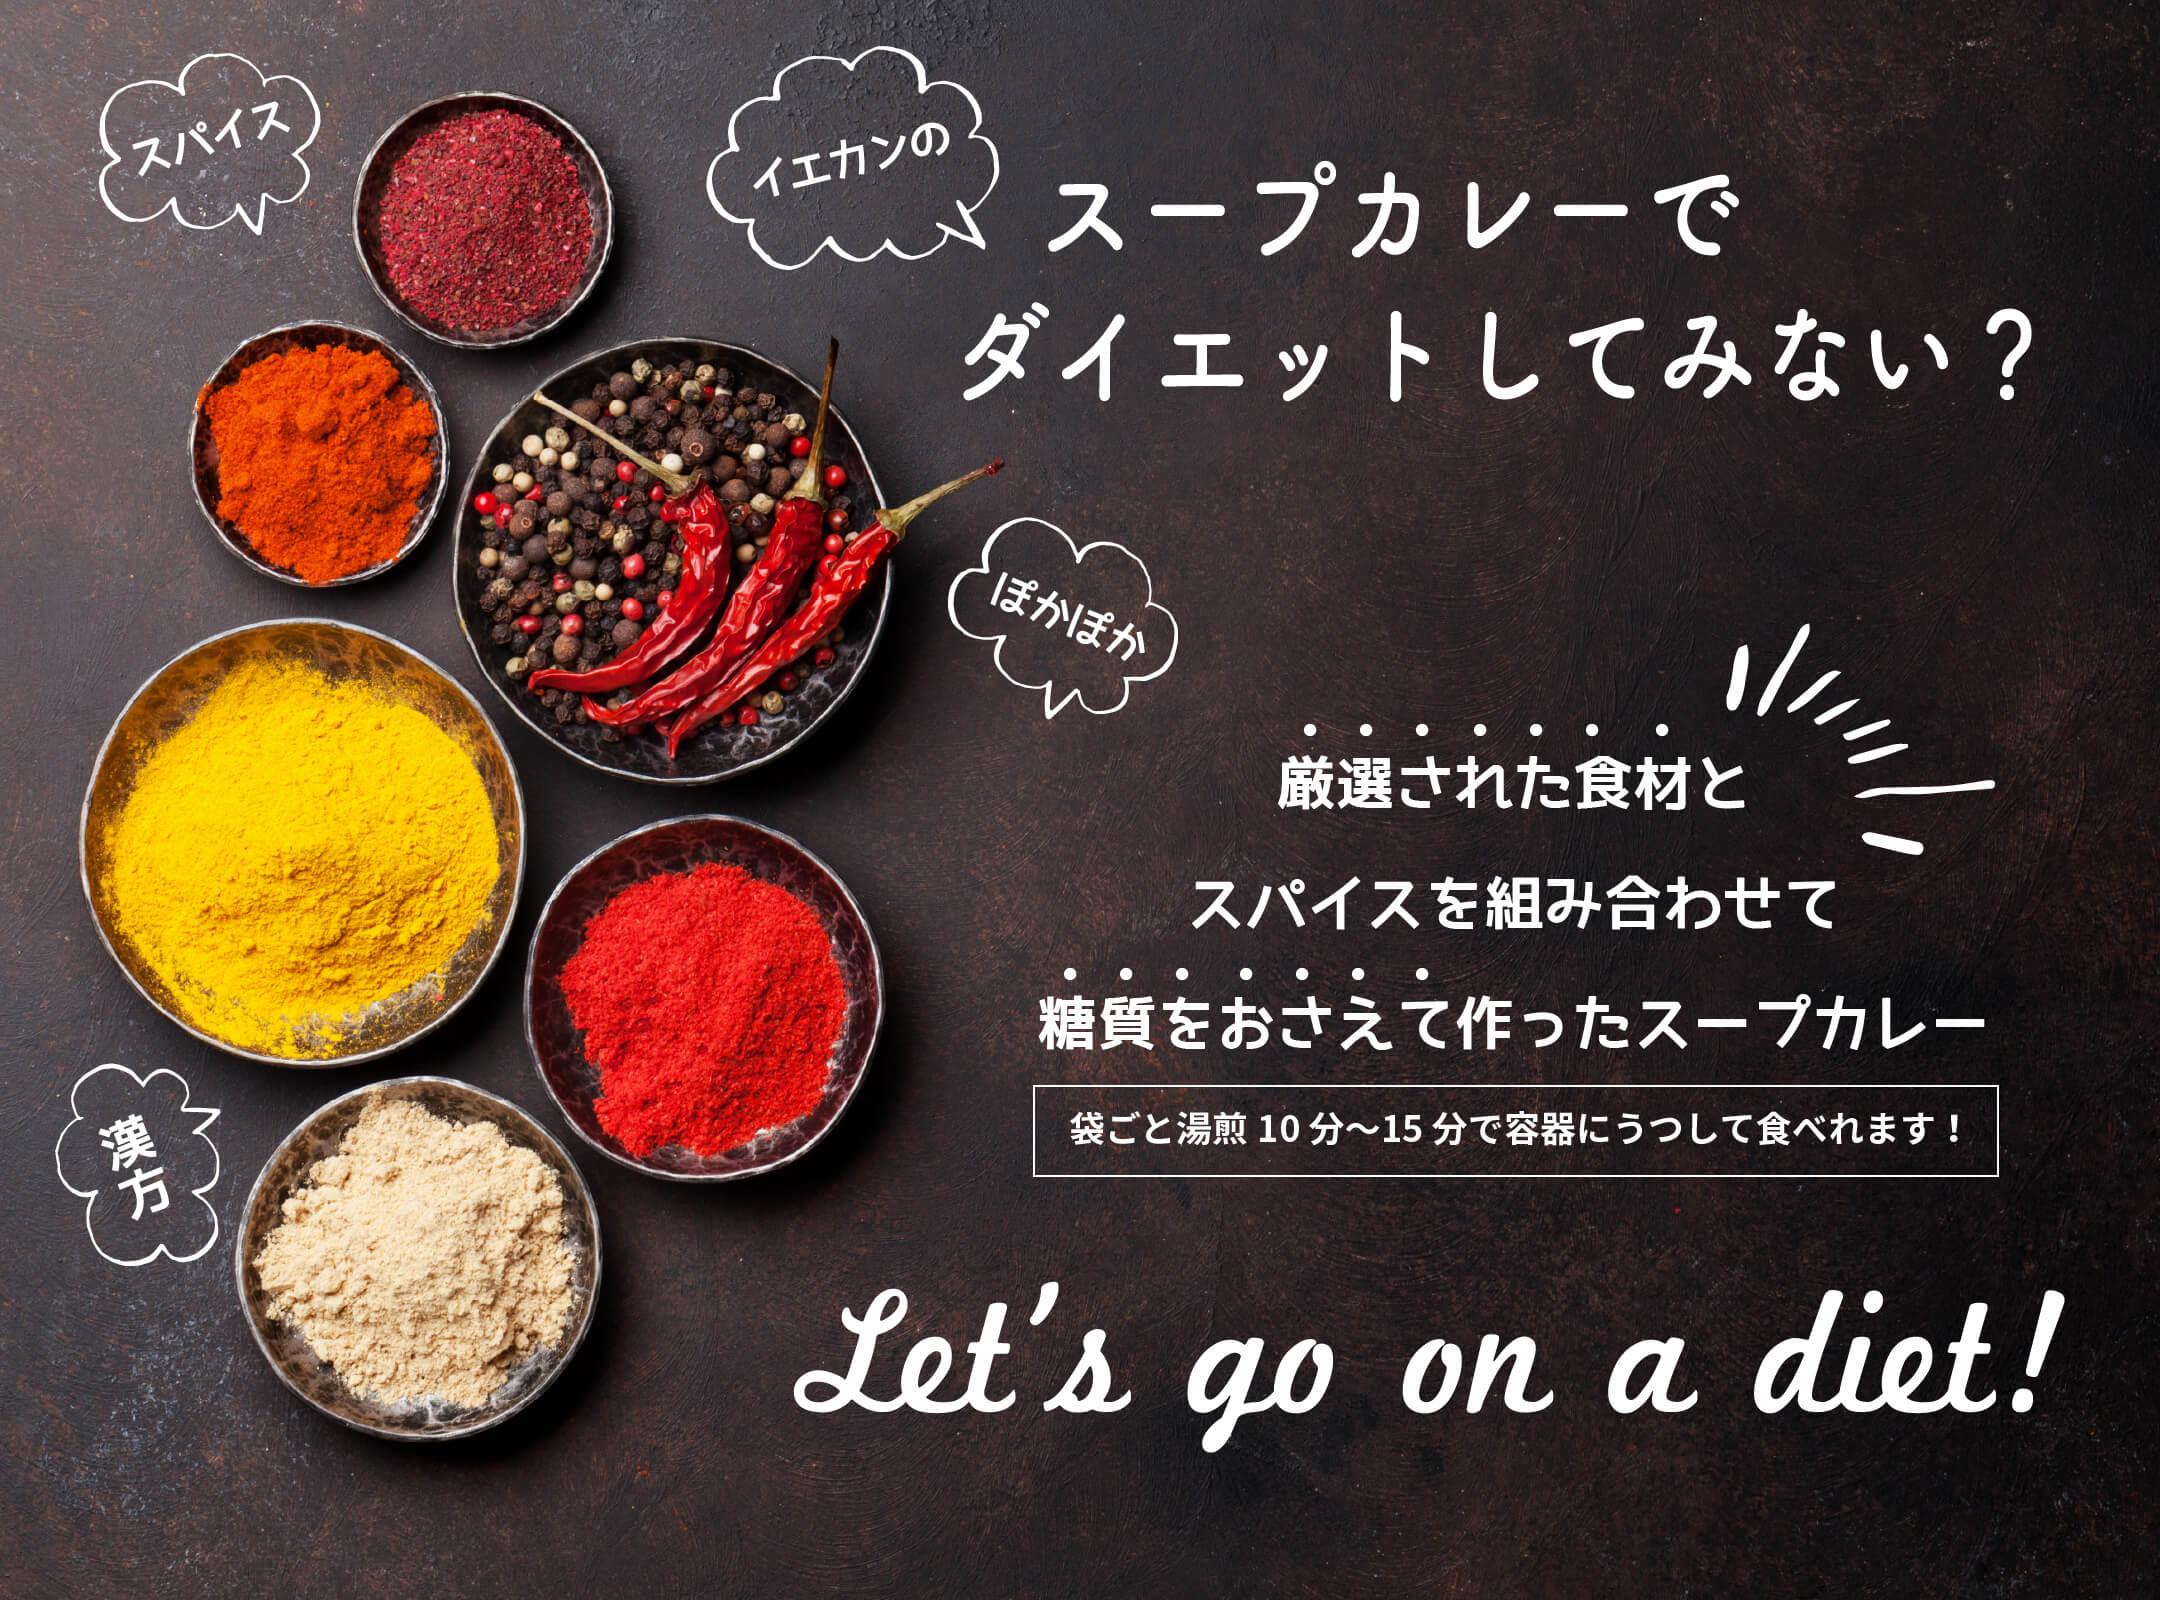 スープカレーでダイエットしてみない? 厳選された食材とスパイスを組み合わせて糖質をおさえて作ったスープカレー